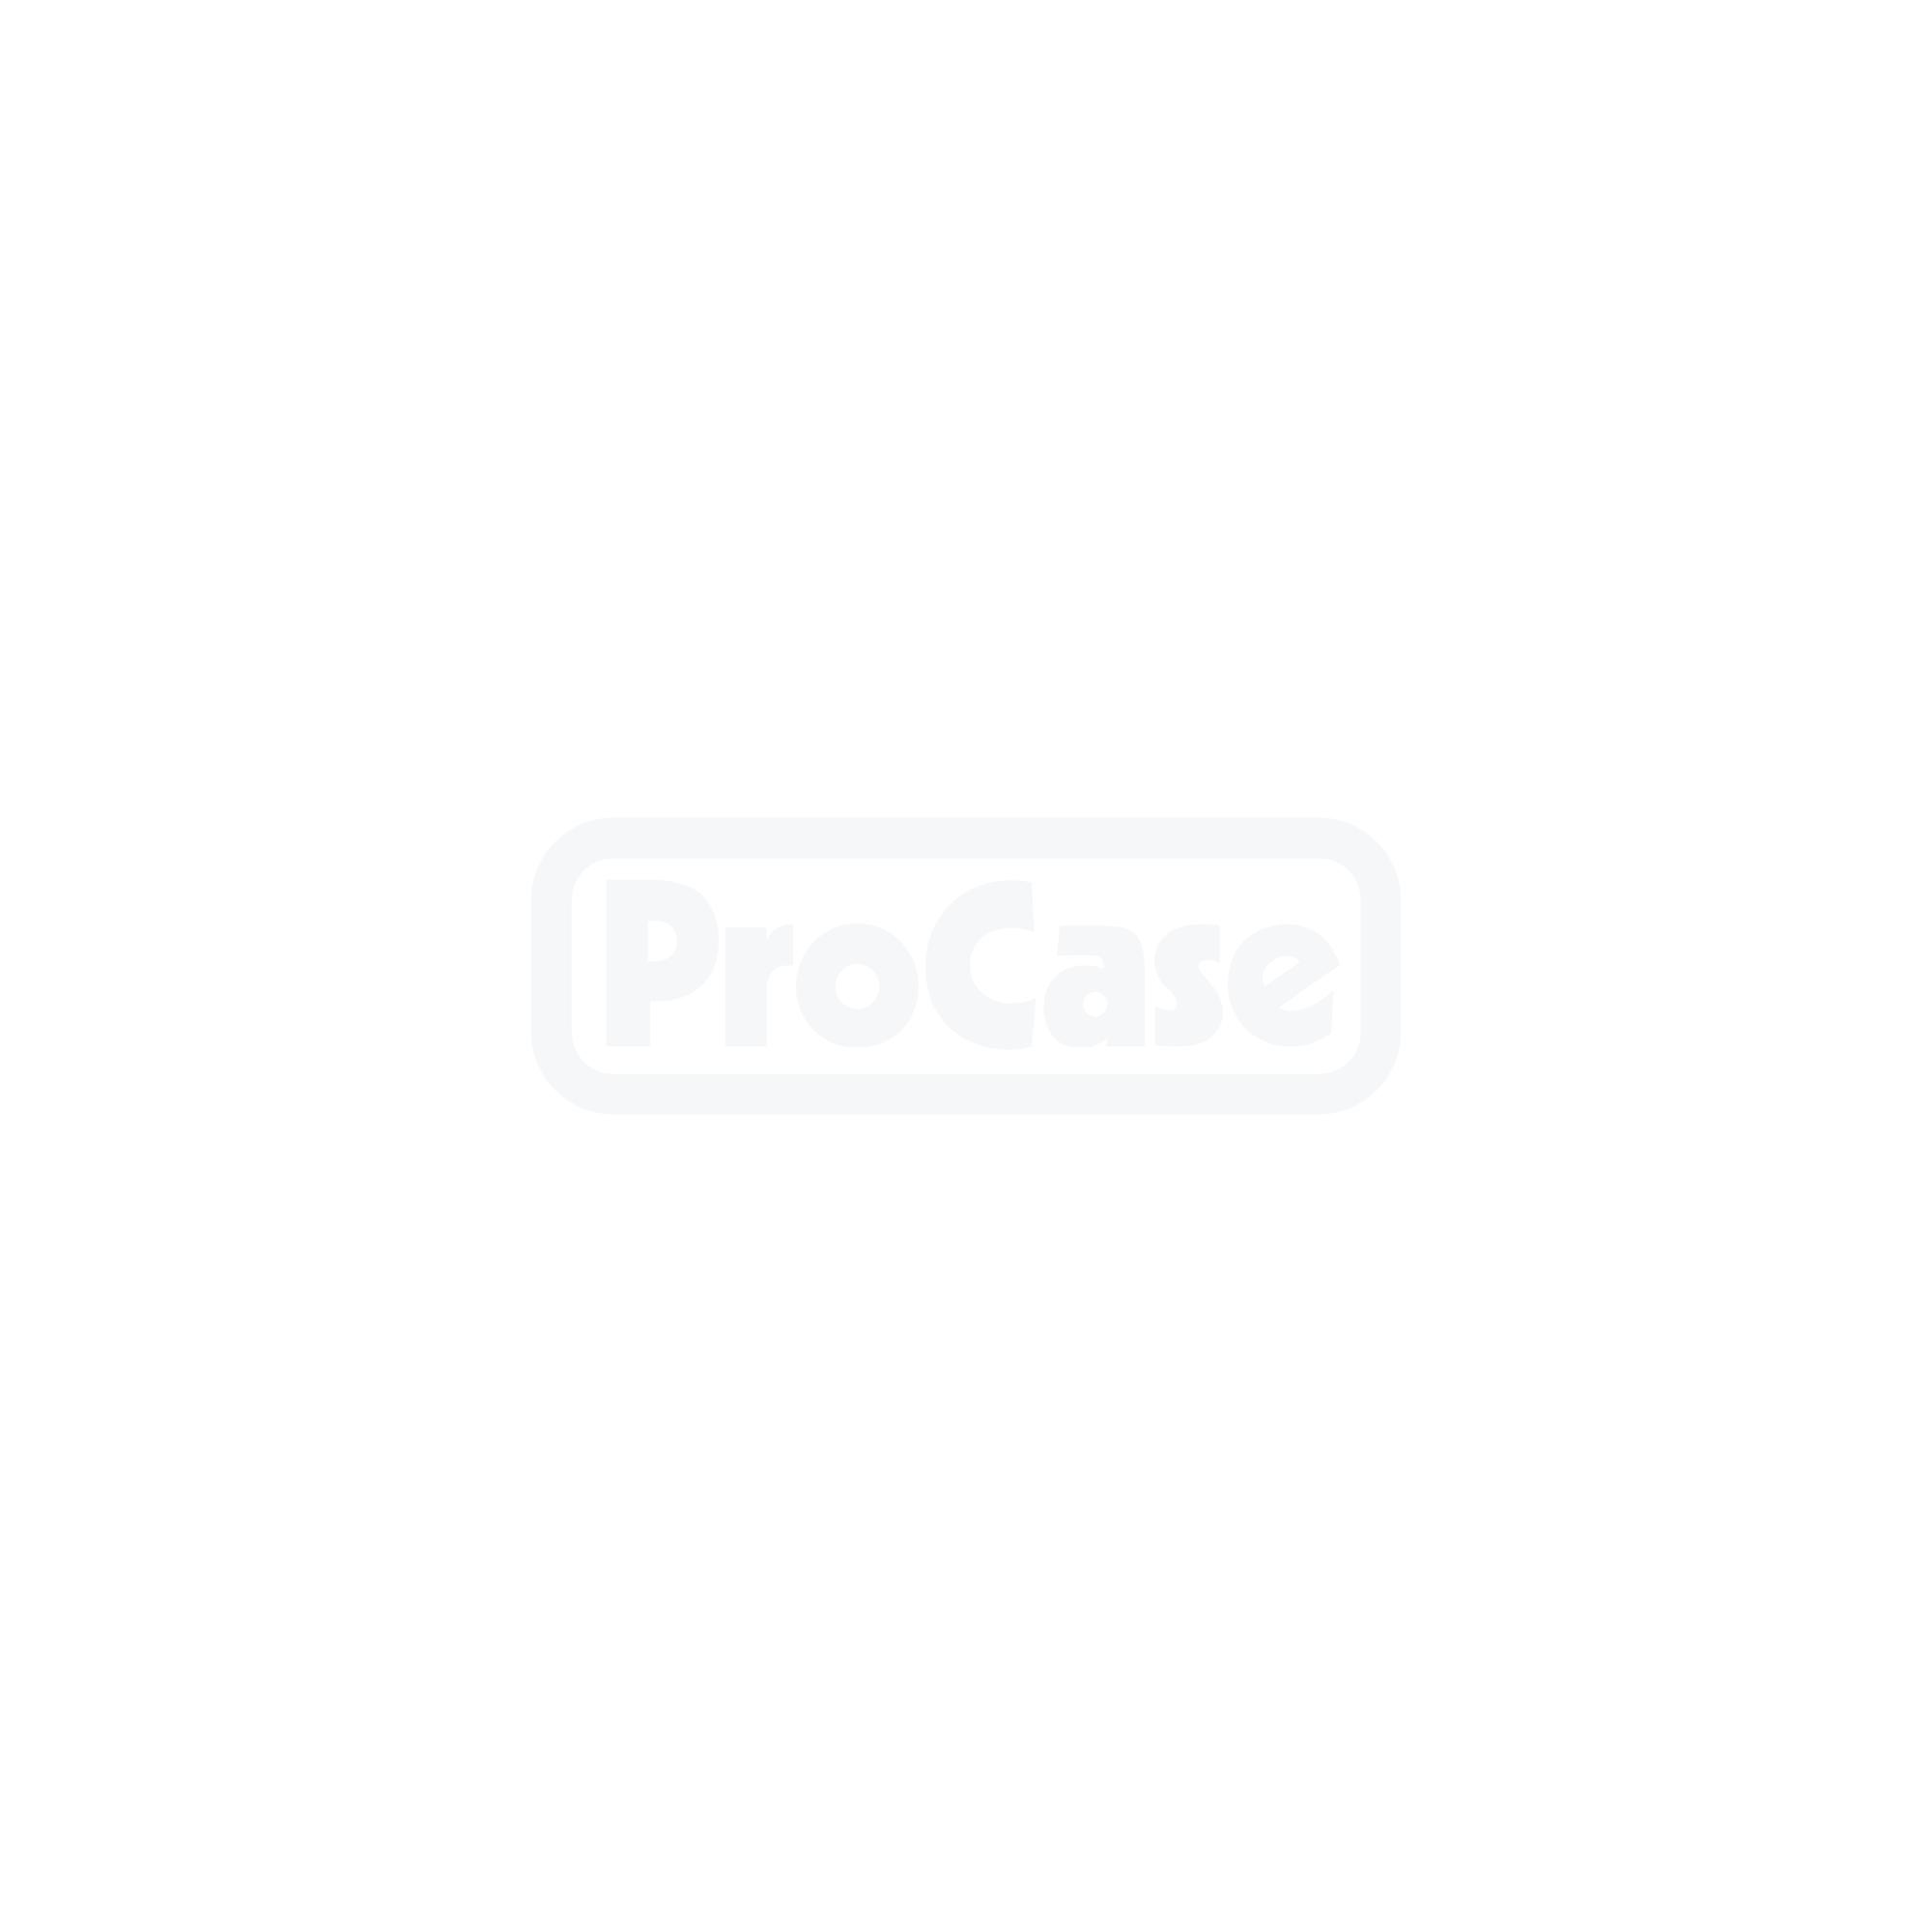 Flightcase für 4 Kling&Freitag CA106 mit Schwenkbügel 2